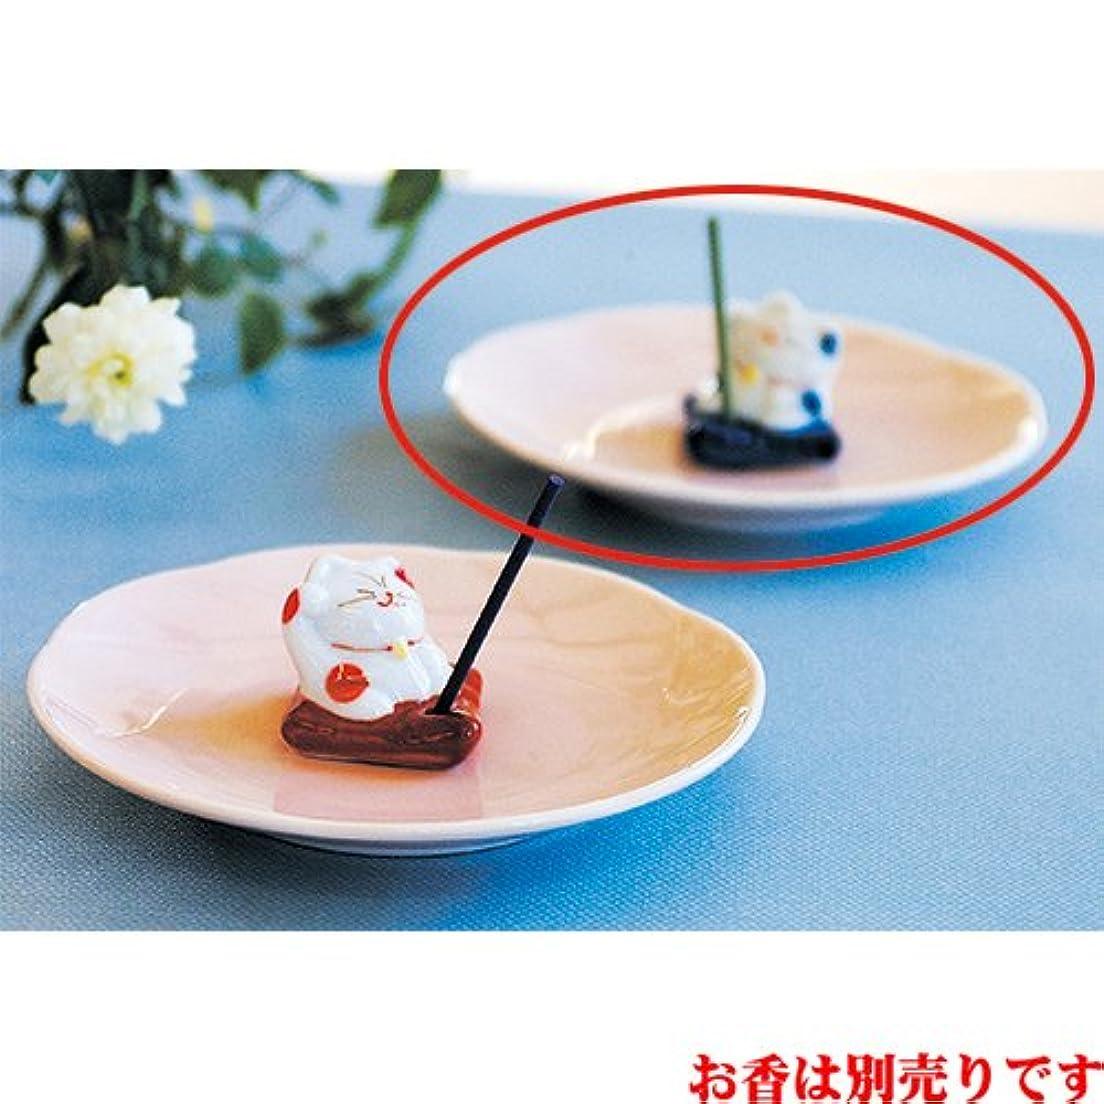 ゴシップマングル材料香皿 ザブトンネコ 香皿 ブルー [R12.5xH4cm] プレゼント ギフト 和食器 かわいい インテリア